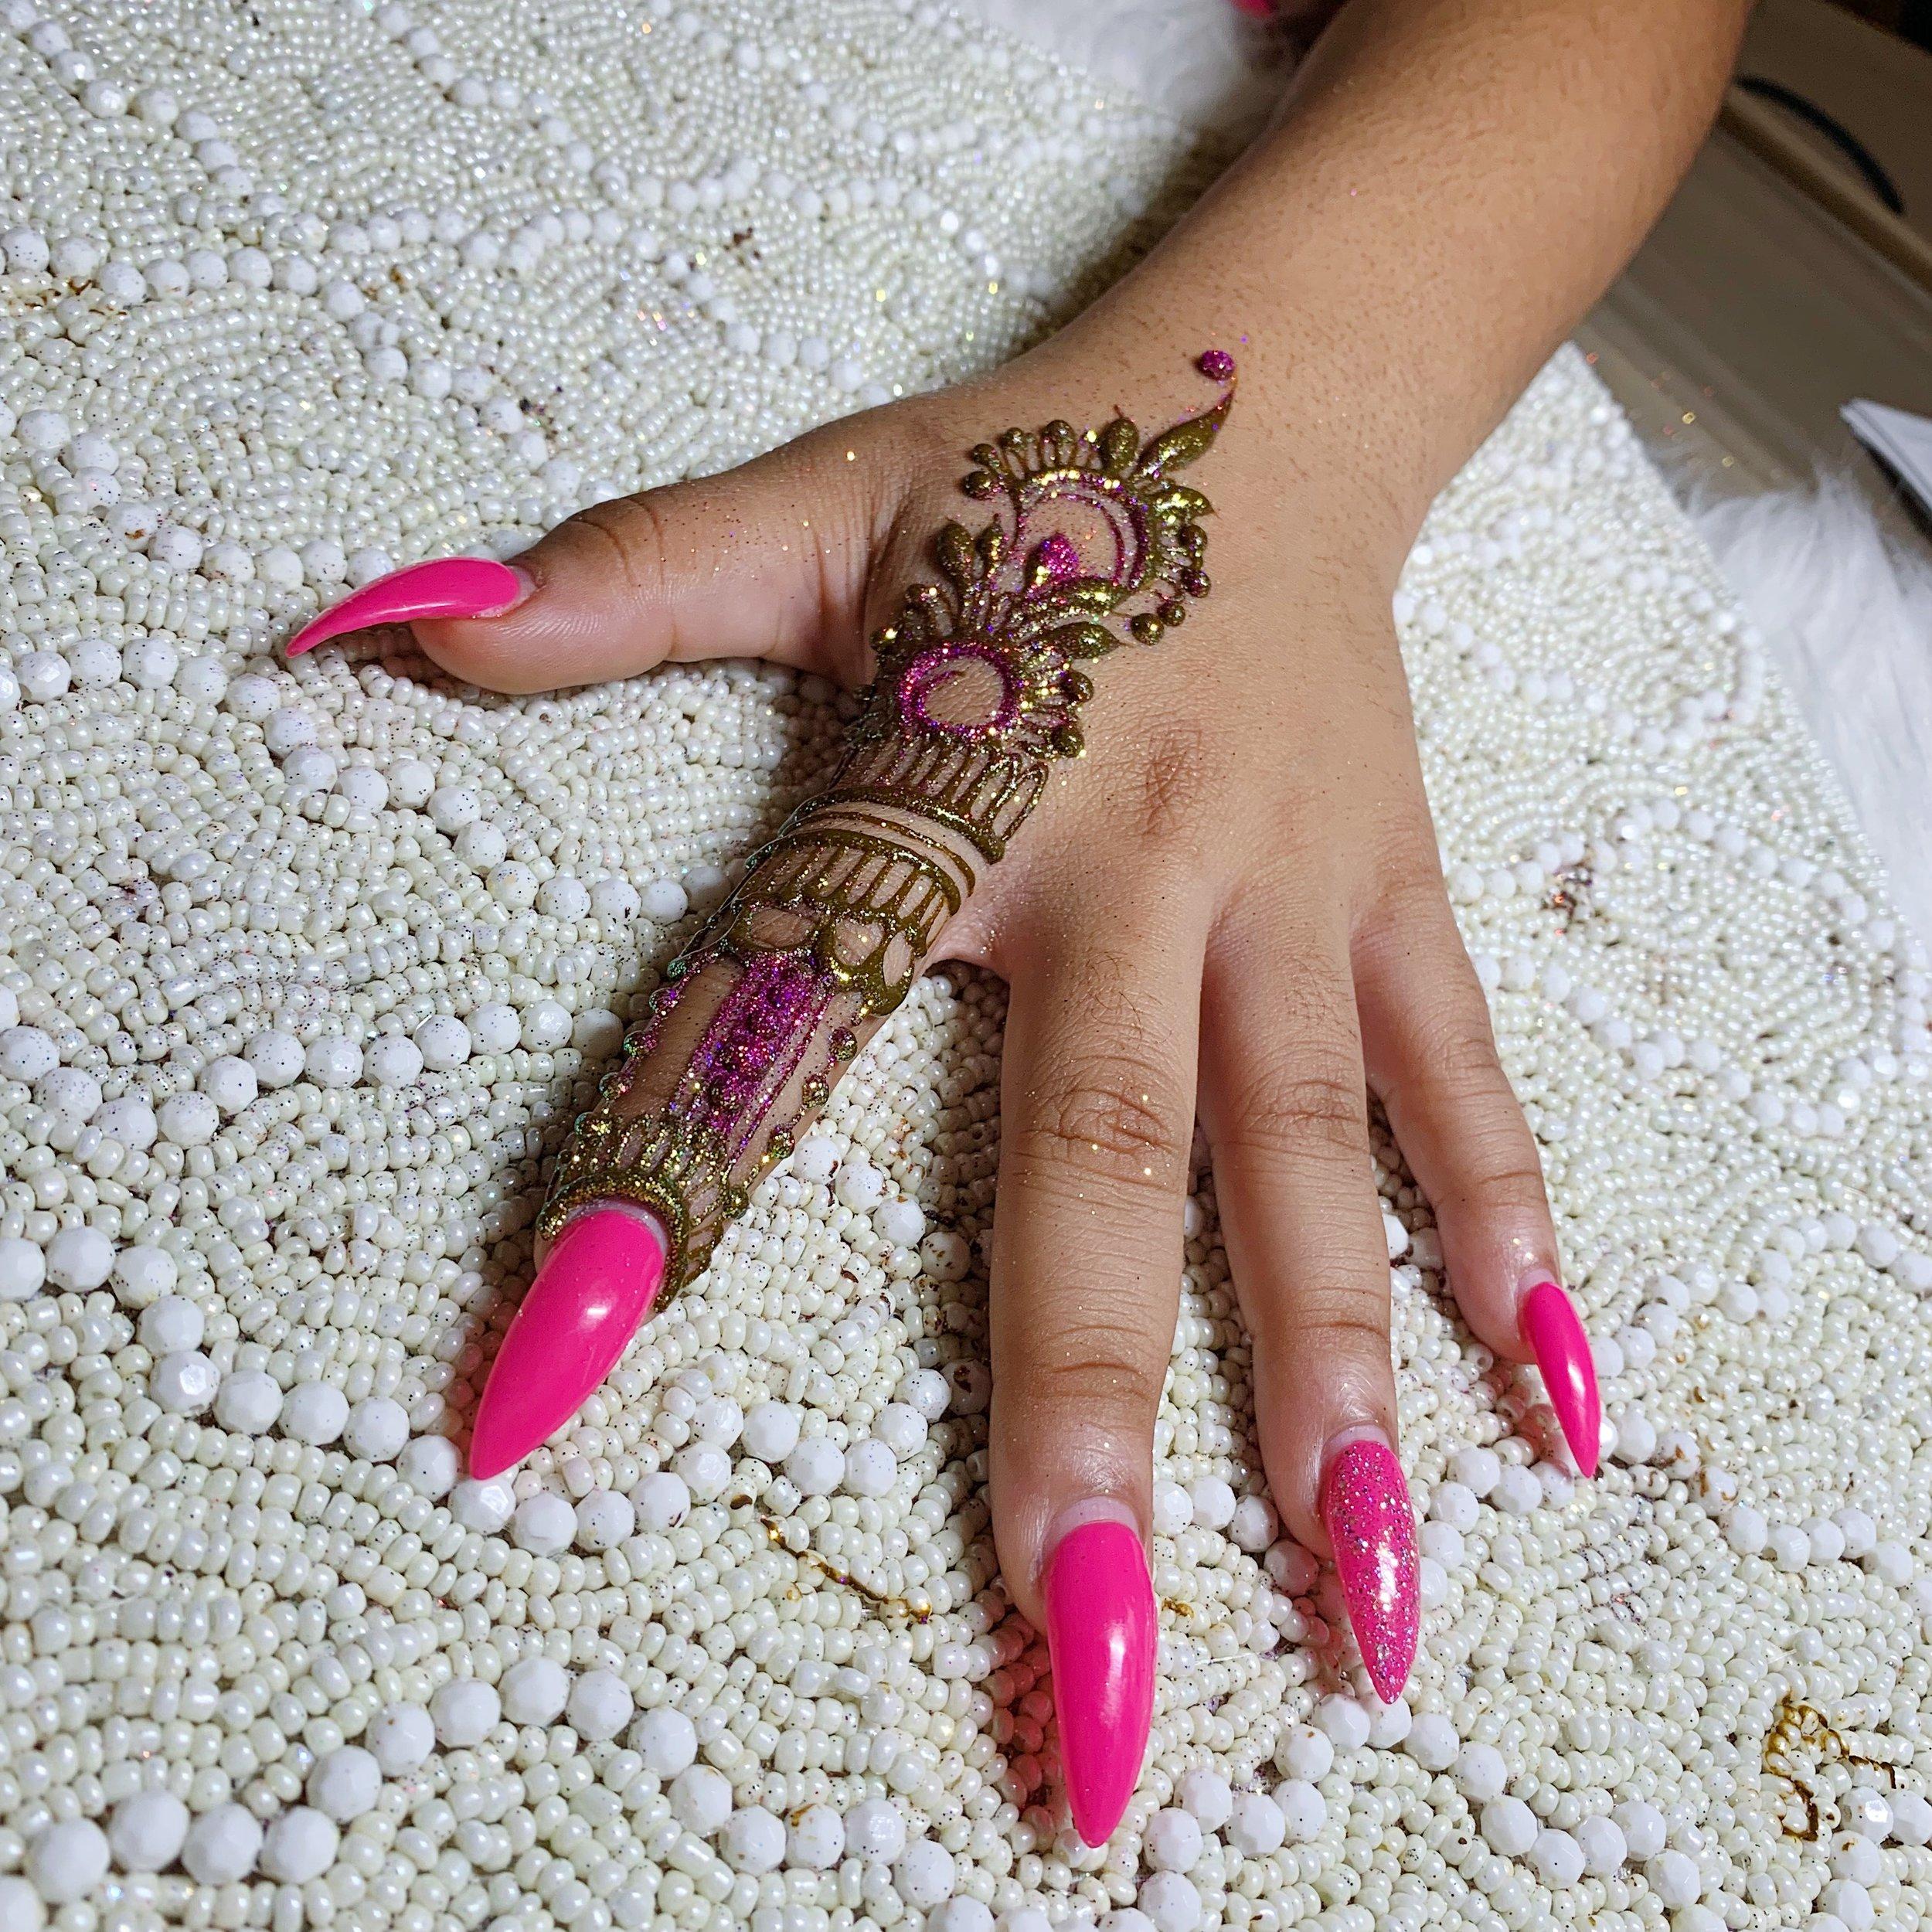 Baltimore Henna Artist